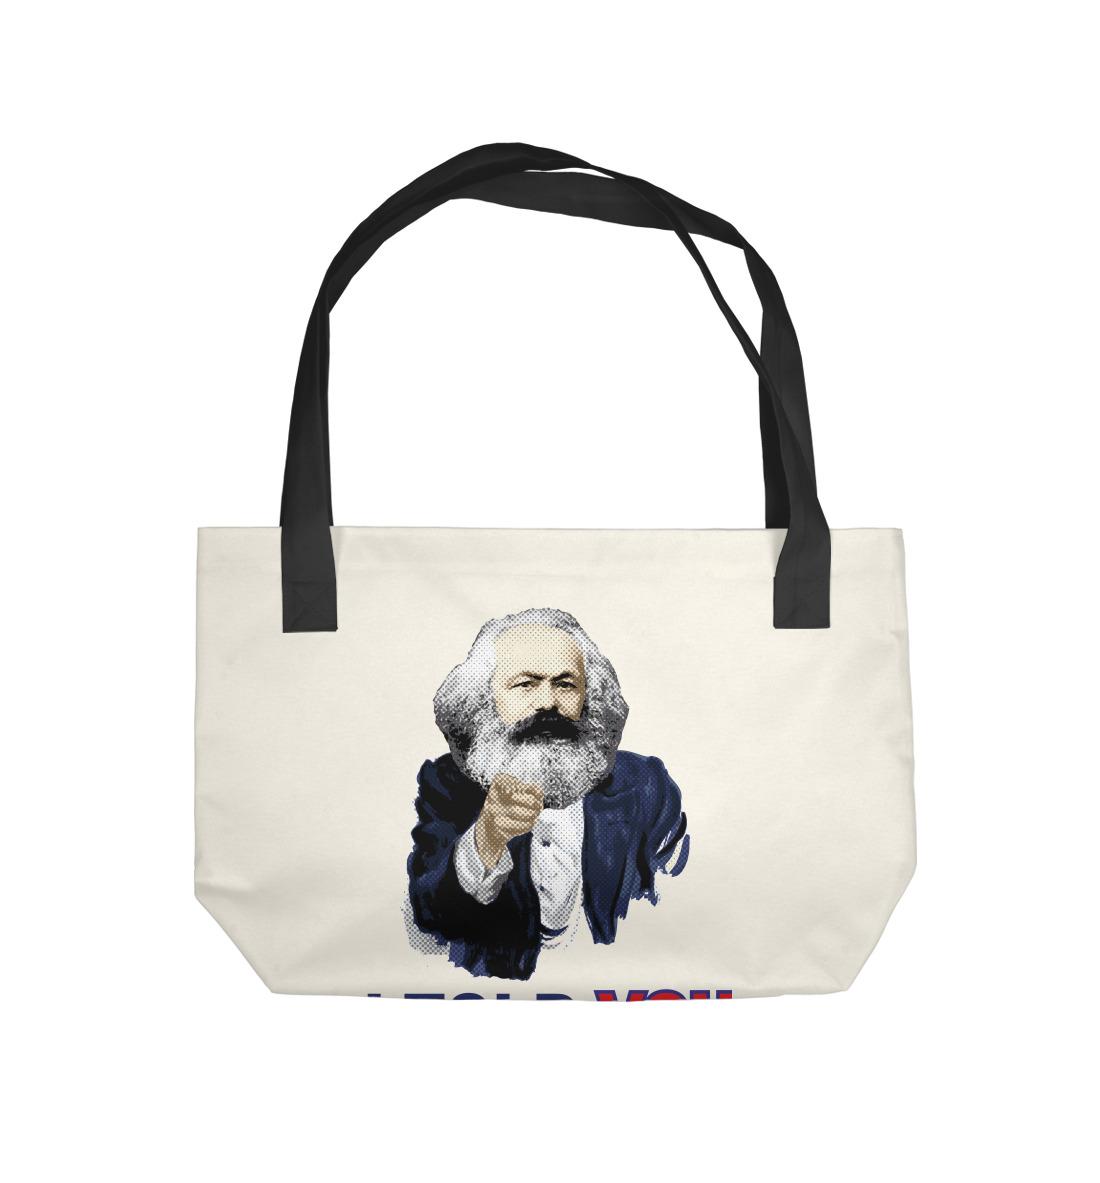 Карл Маркс джим маркс неисправность ибезобразие сборник